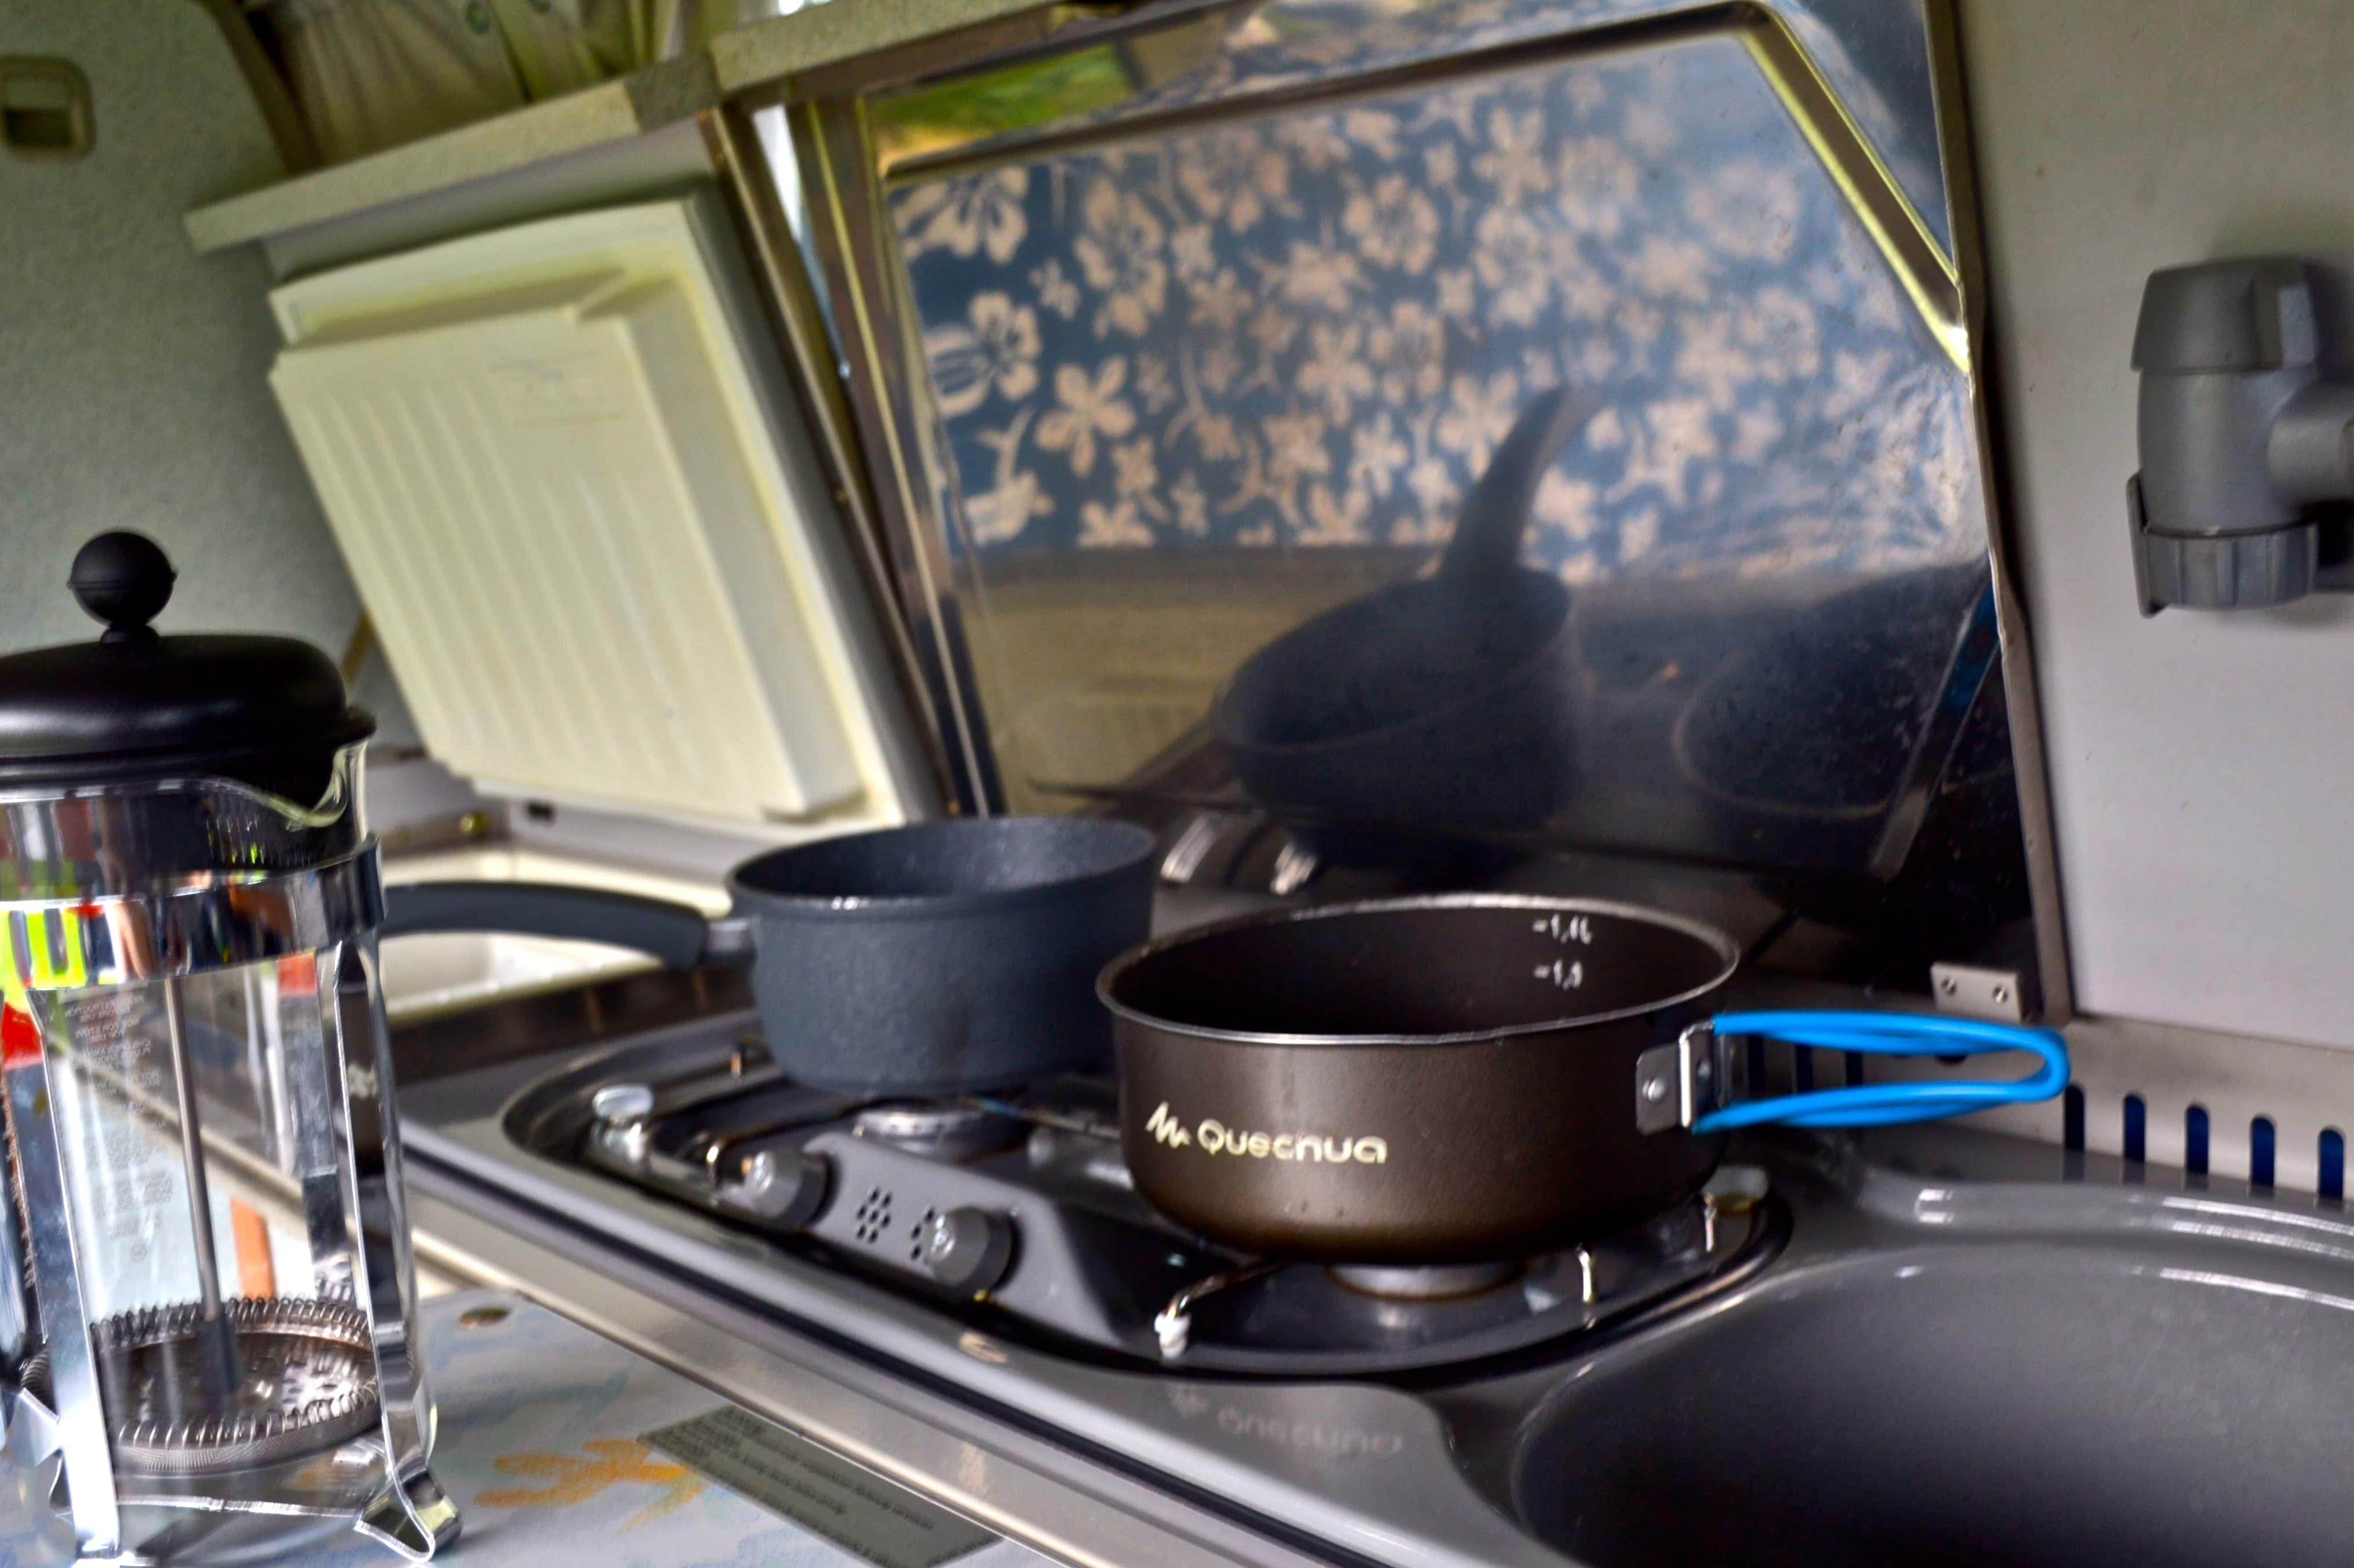 Zweiflammige Kocher, Spüle und Kühlschrank